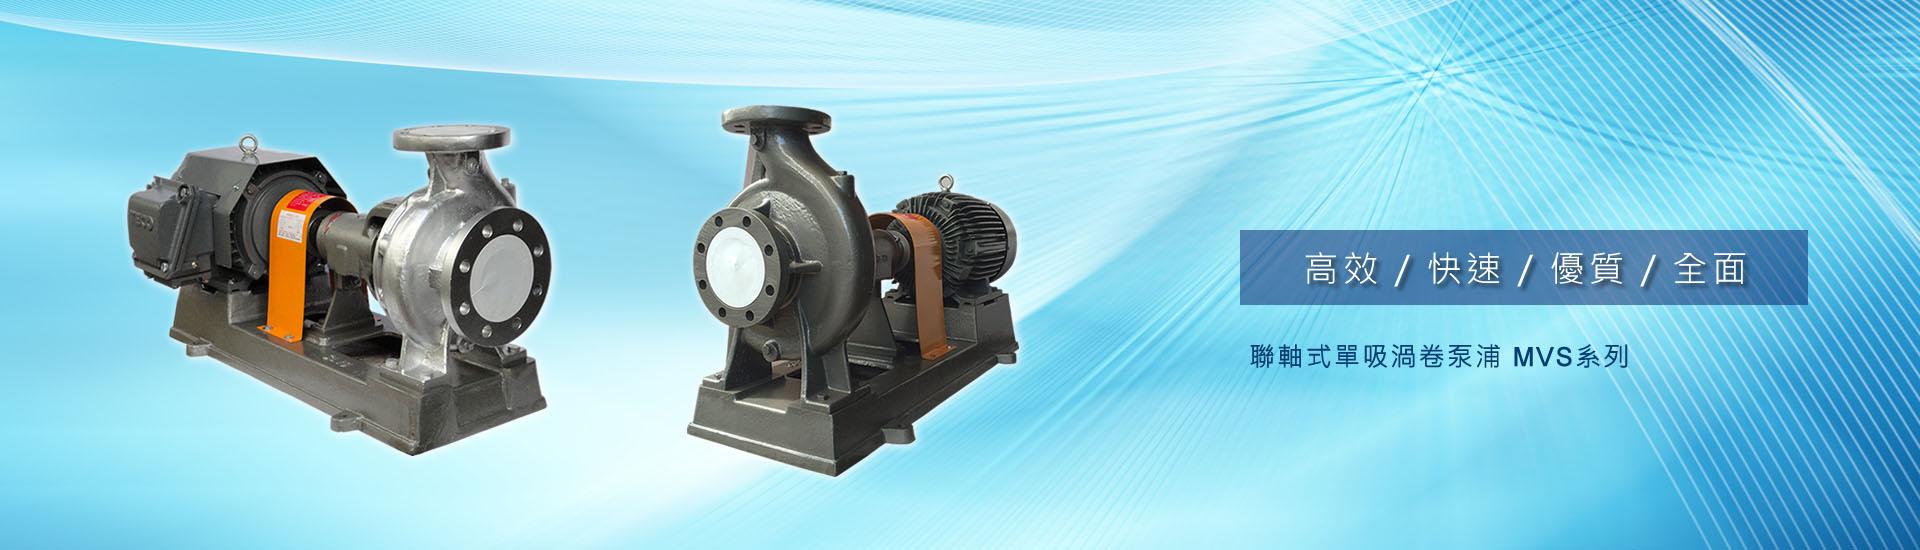 聯軸式單吸渦卷泵浦MVS系列